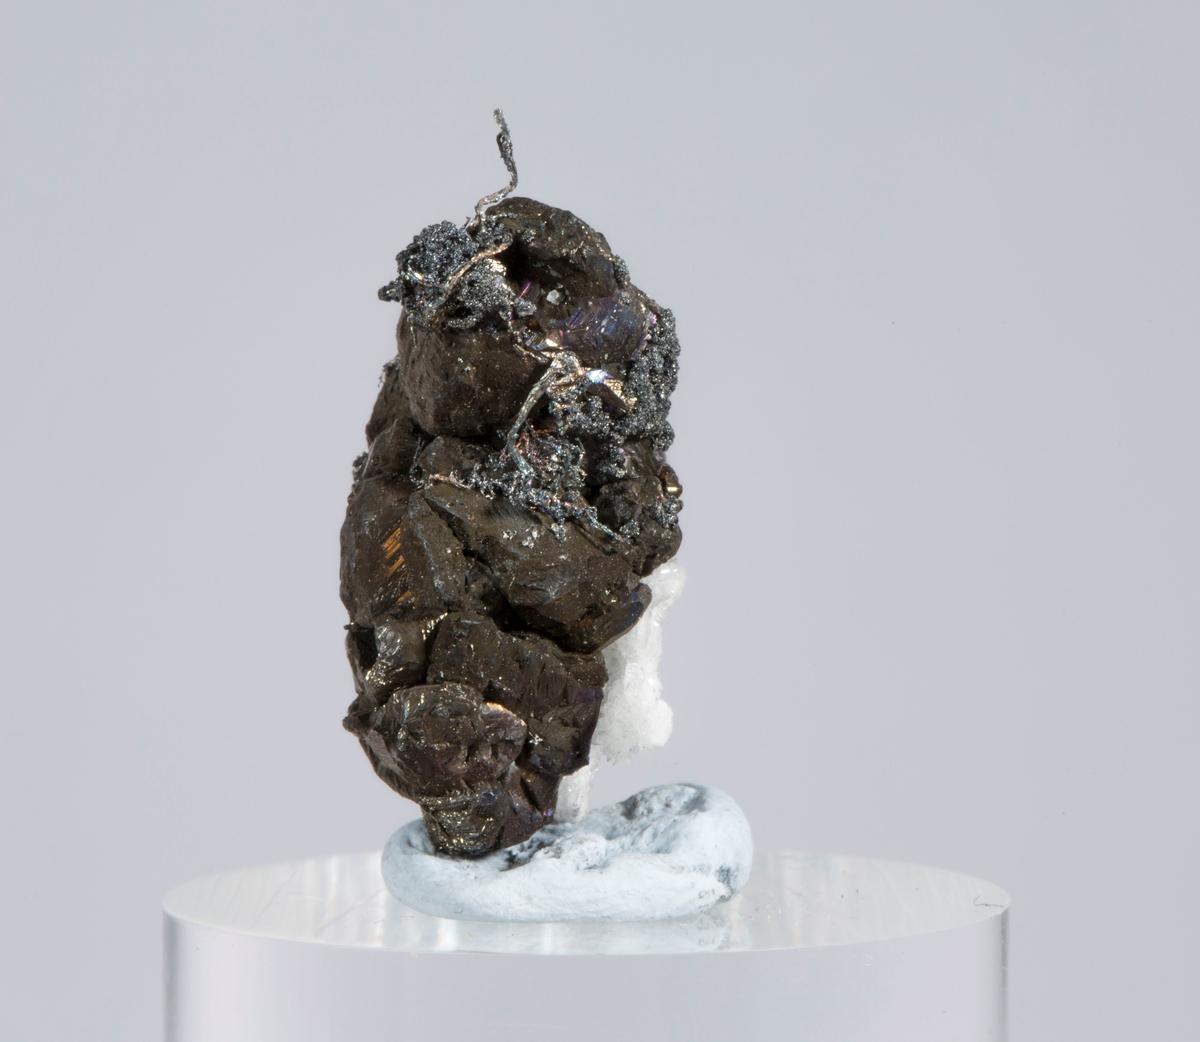 Vekt: 6,18 g Etikett i eske: Monter nr. 6, Mildigkeit Gottes gruve jan. 1947 (8 små og 5 små)